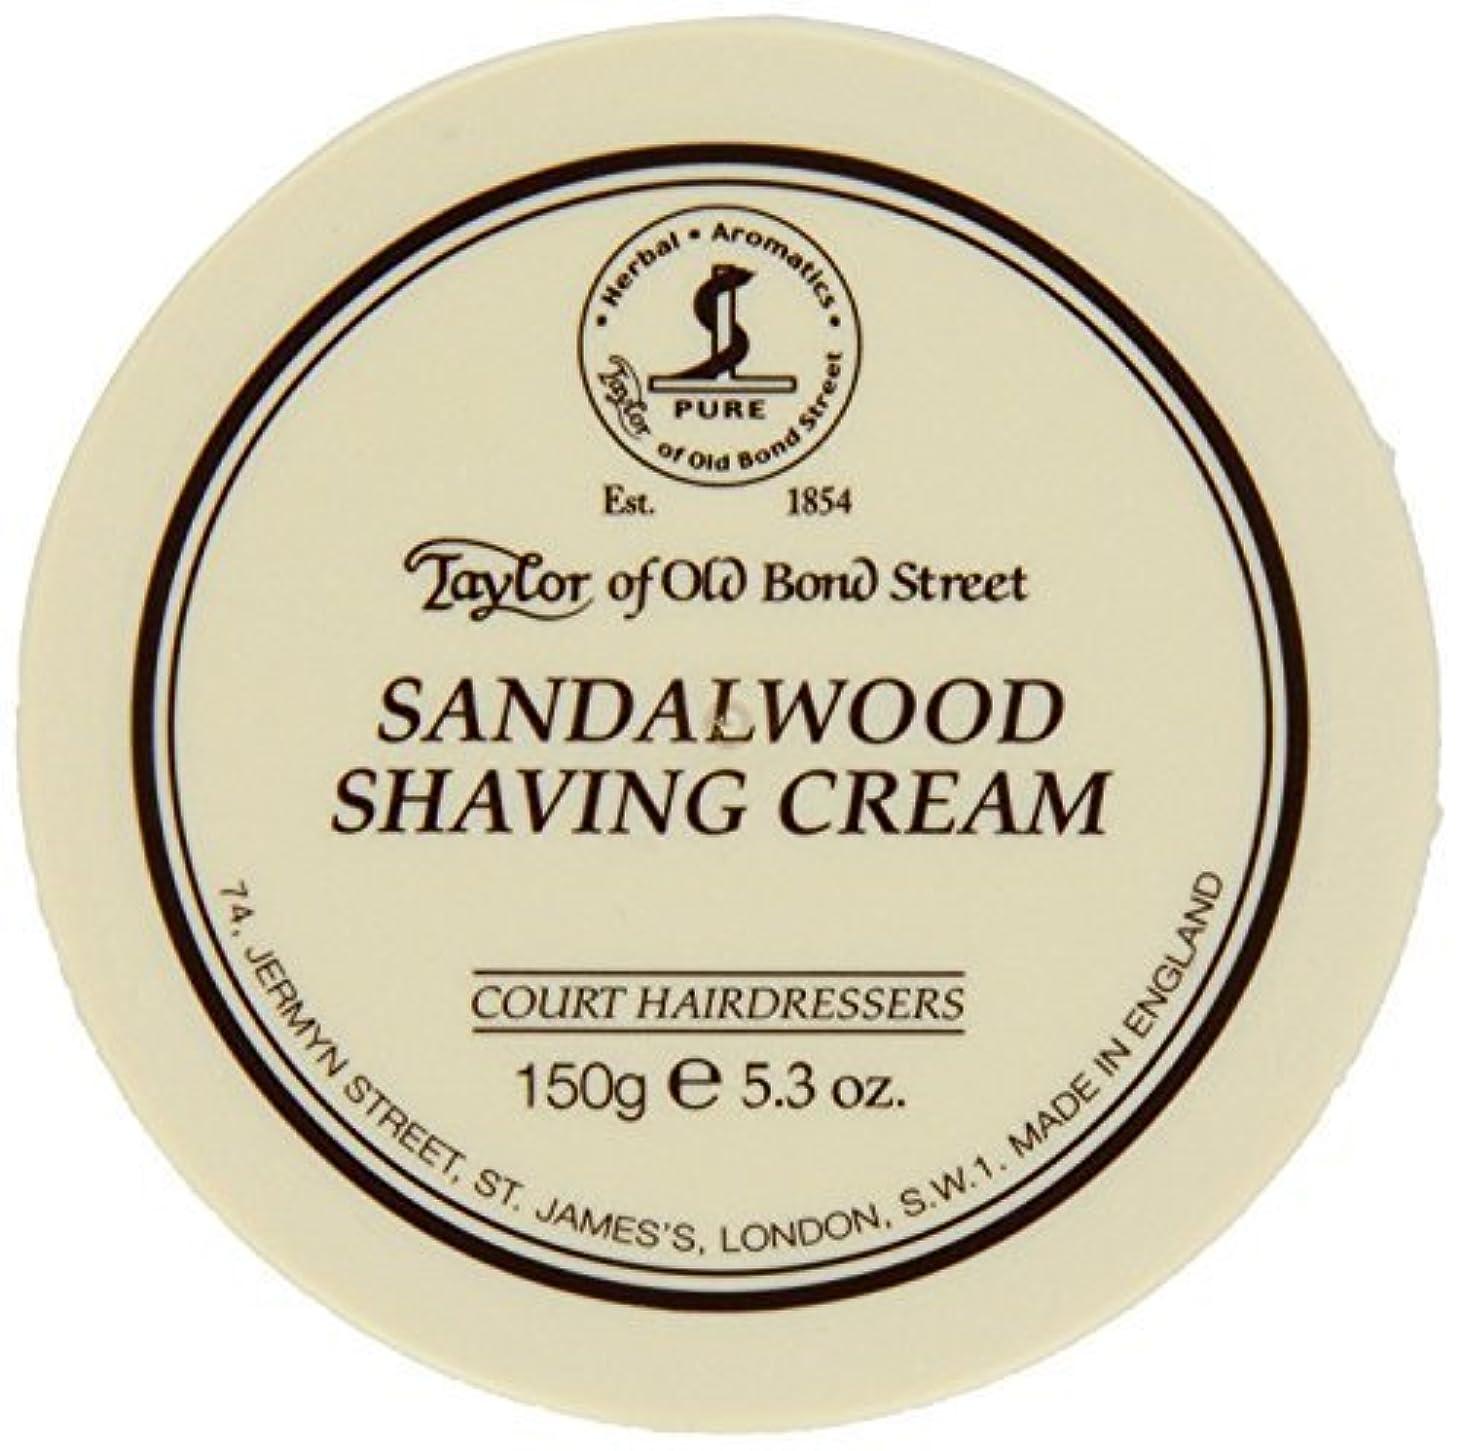 悪性政権堀Taylor of Old Bond Street SHAVING CREAM for SANDALWOOD 150g x 2 Bowls by Taylor of Old Bond Street [並行輸入品]